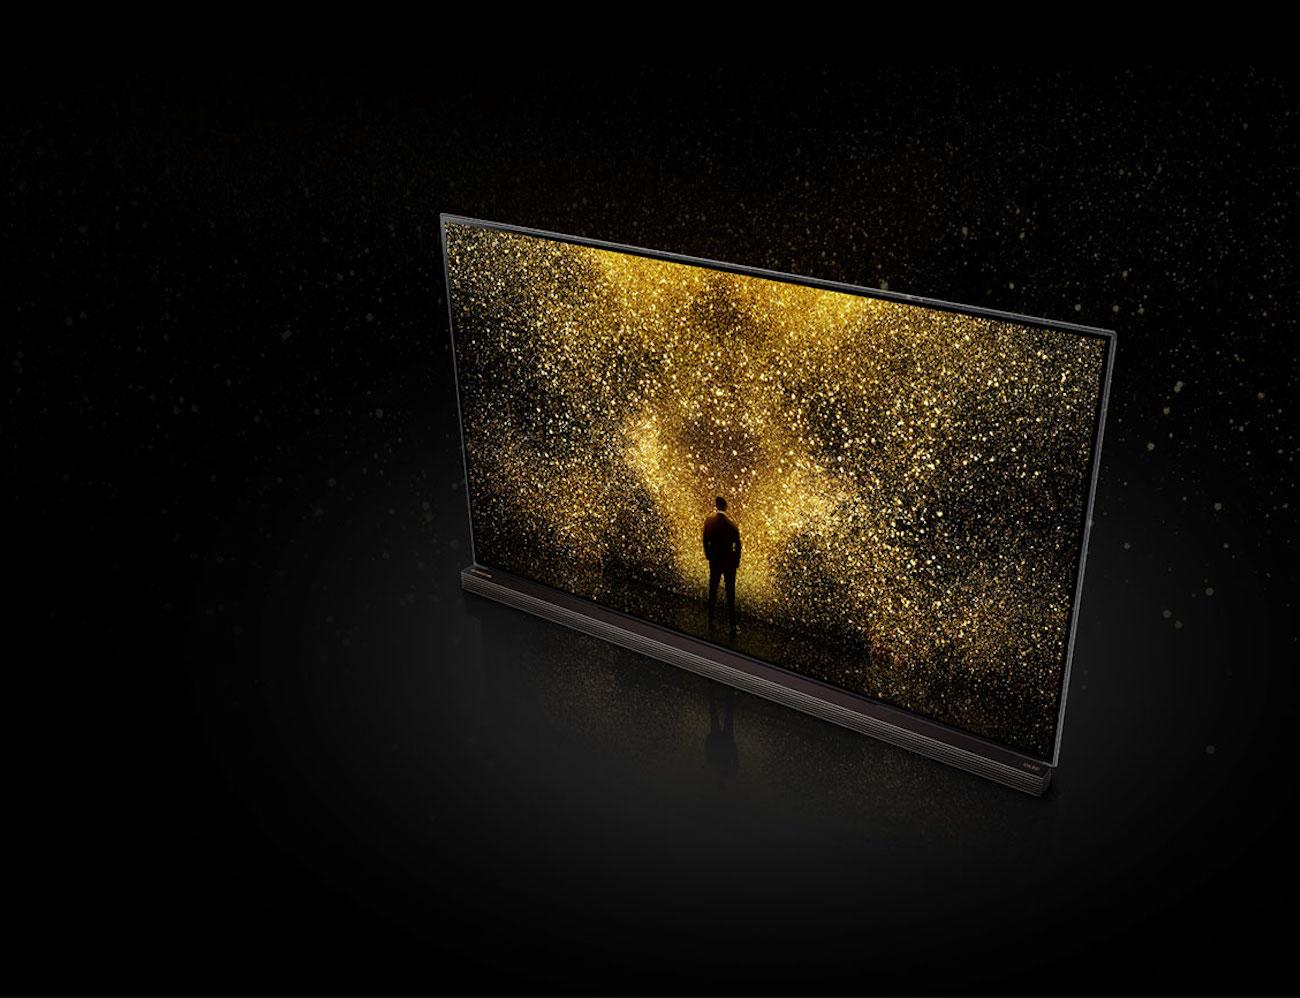 lg hdr pro 4k oled tv range gadget flow. Black Bedroom Furniture Sets. Home Design Ideas